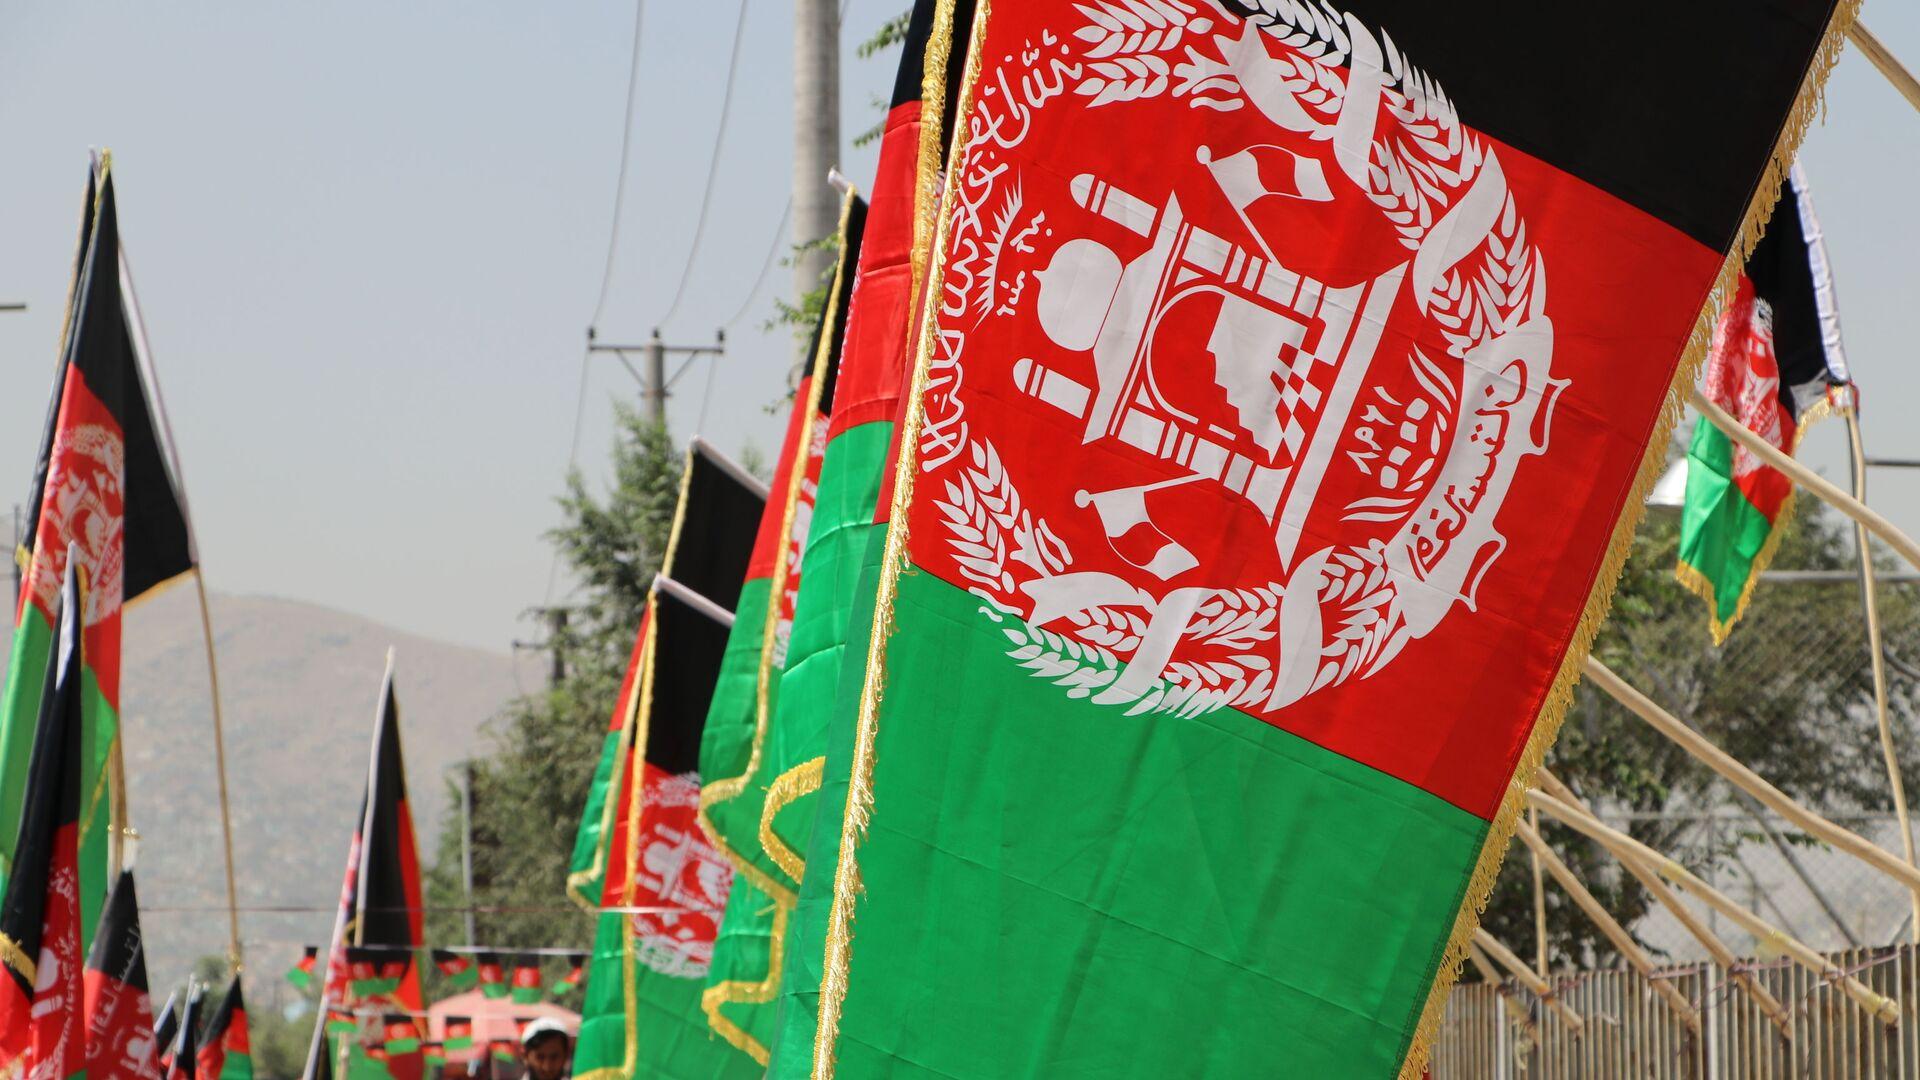 Празднование дня независимости в Кабуле  - Sputnik Тоҷикистон, 1920, 09.09.2021